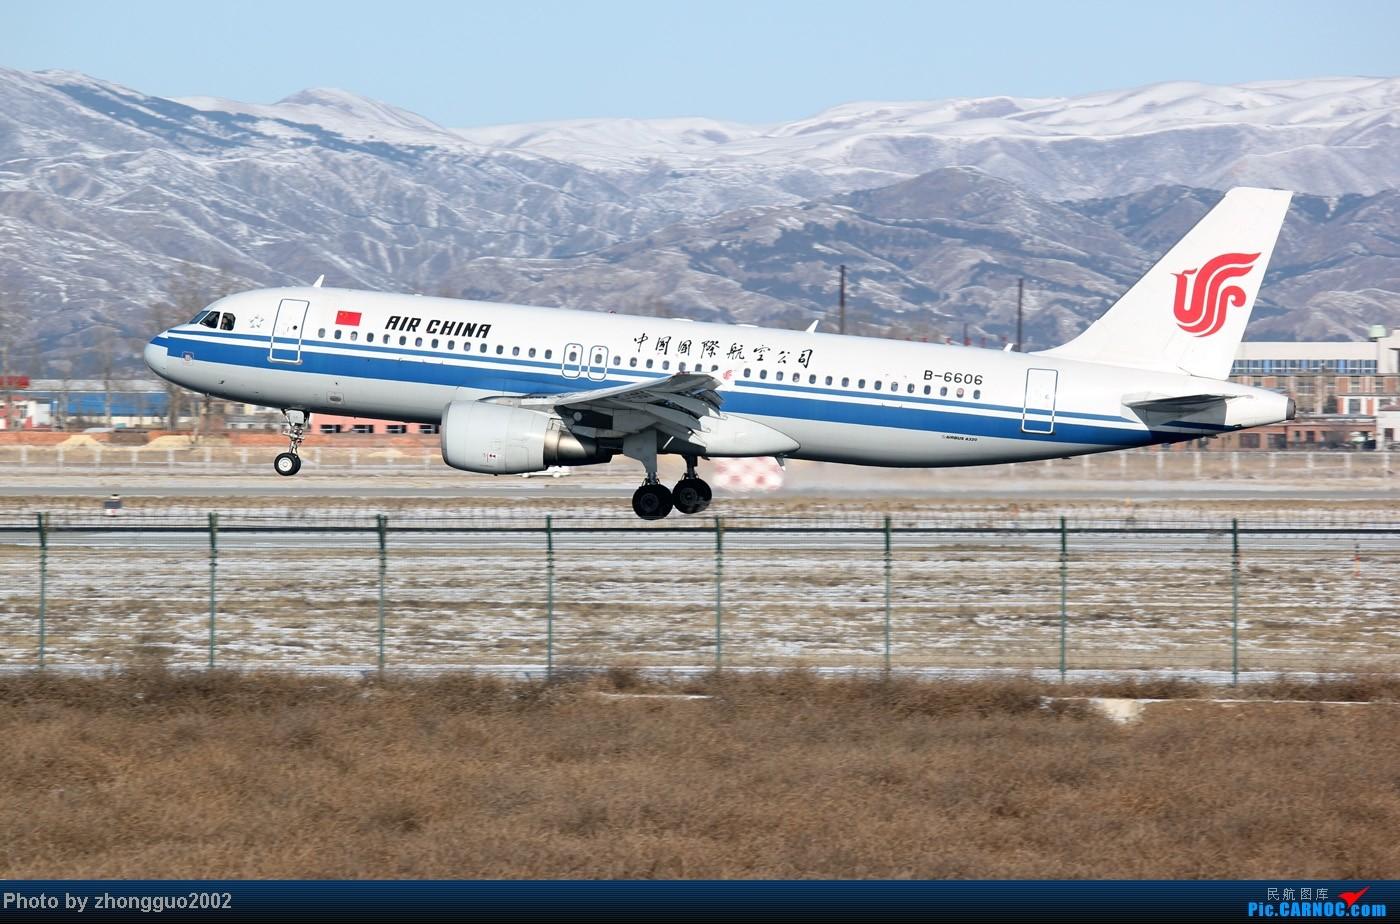 Re:[原创]灰鼻子的春哥第一次拍到,还有其他灰机。 AIRBUS A320-200 B-6606 中国呼和浩特白塔国际机场